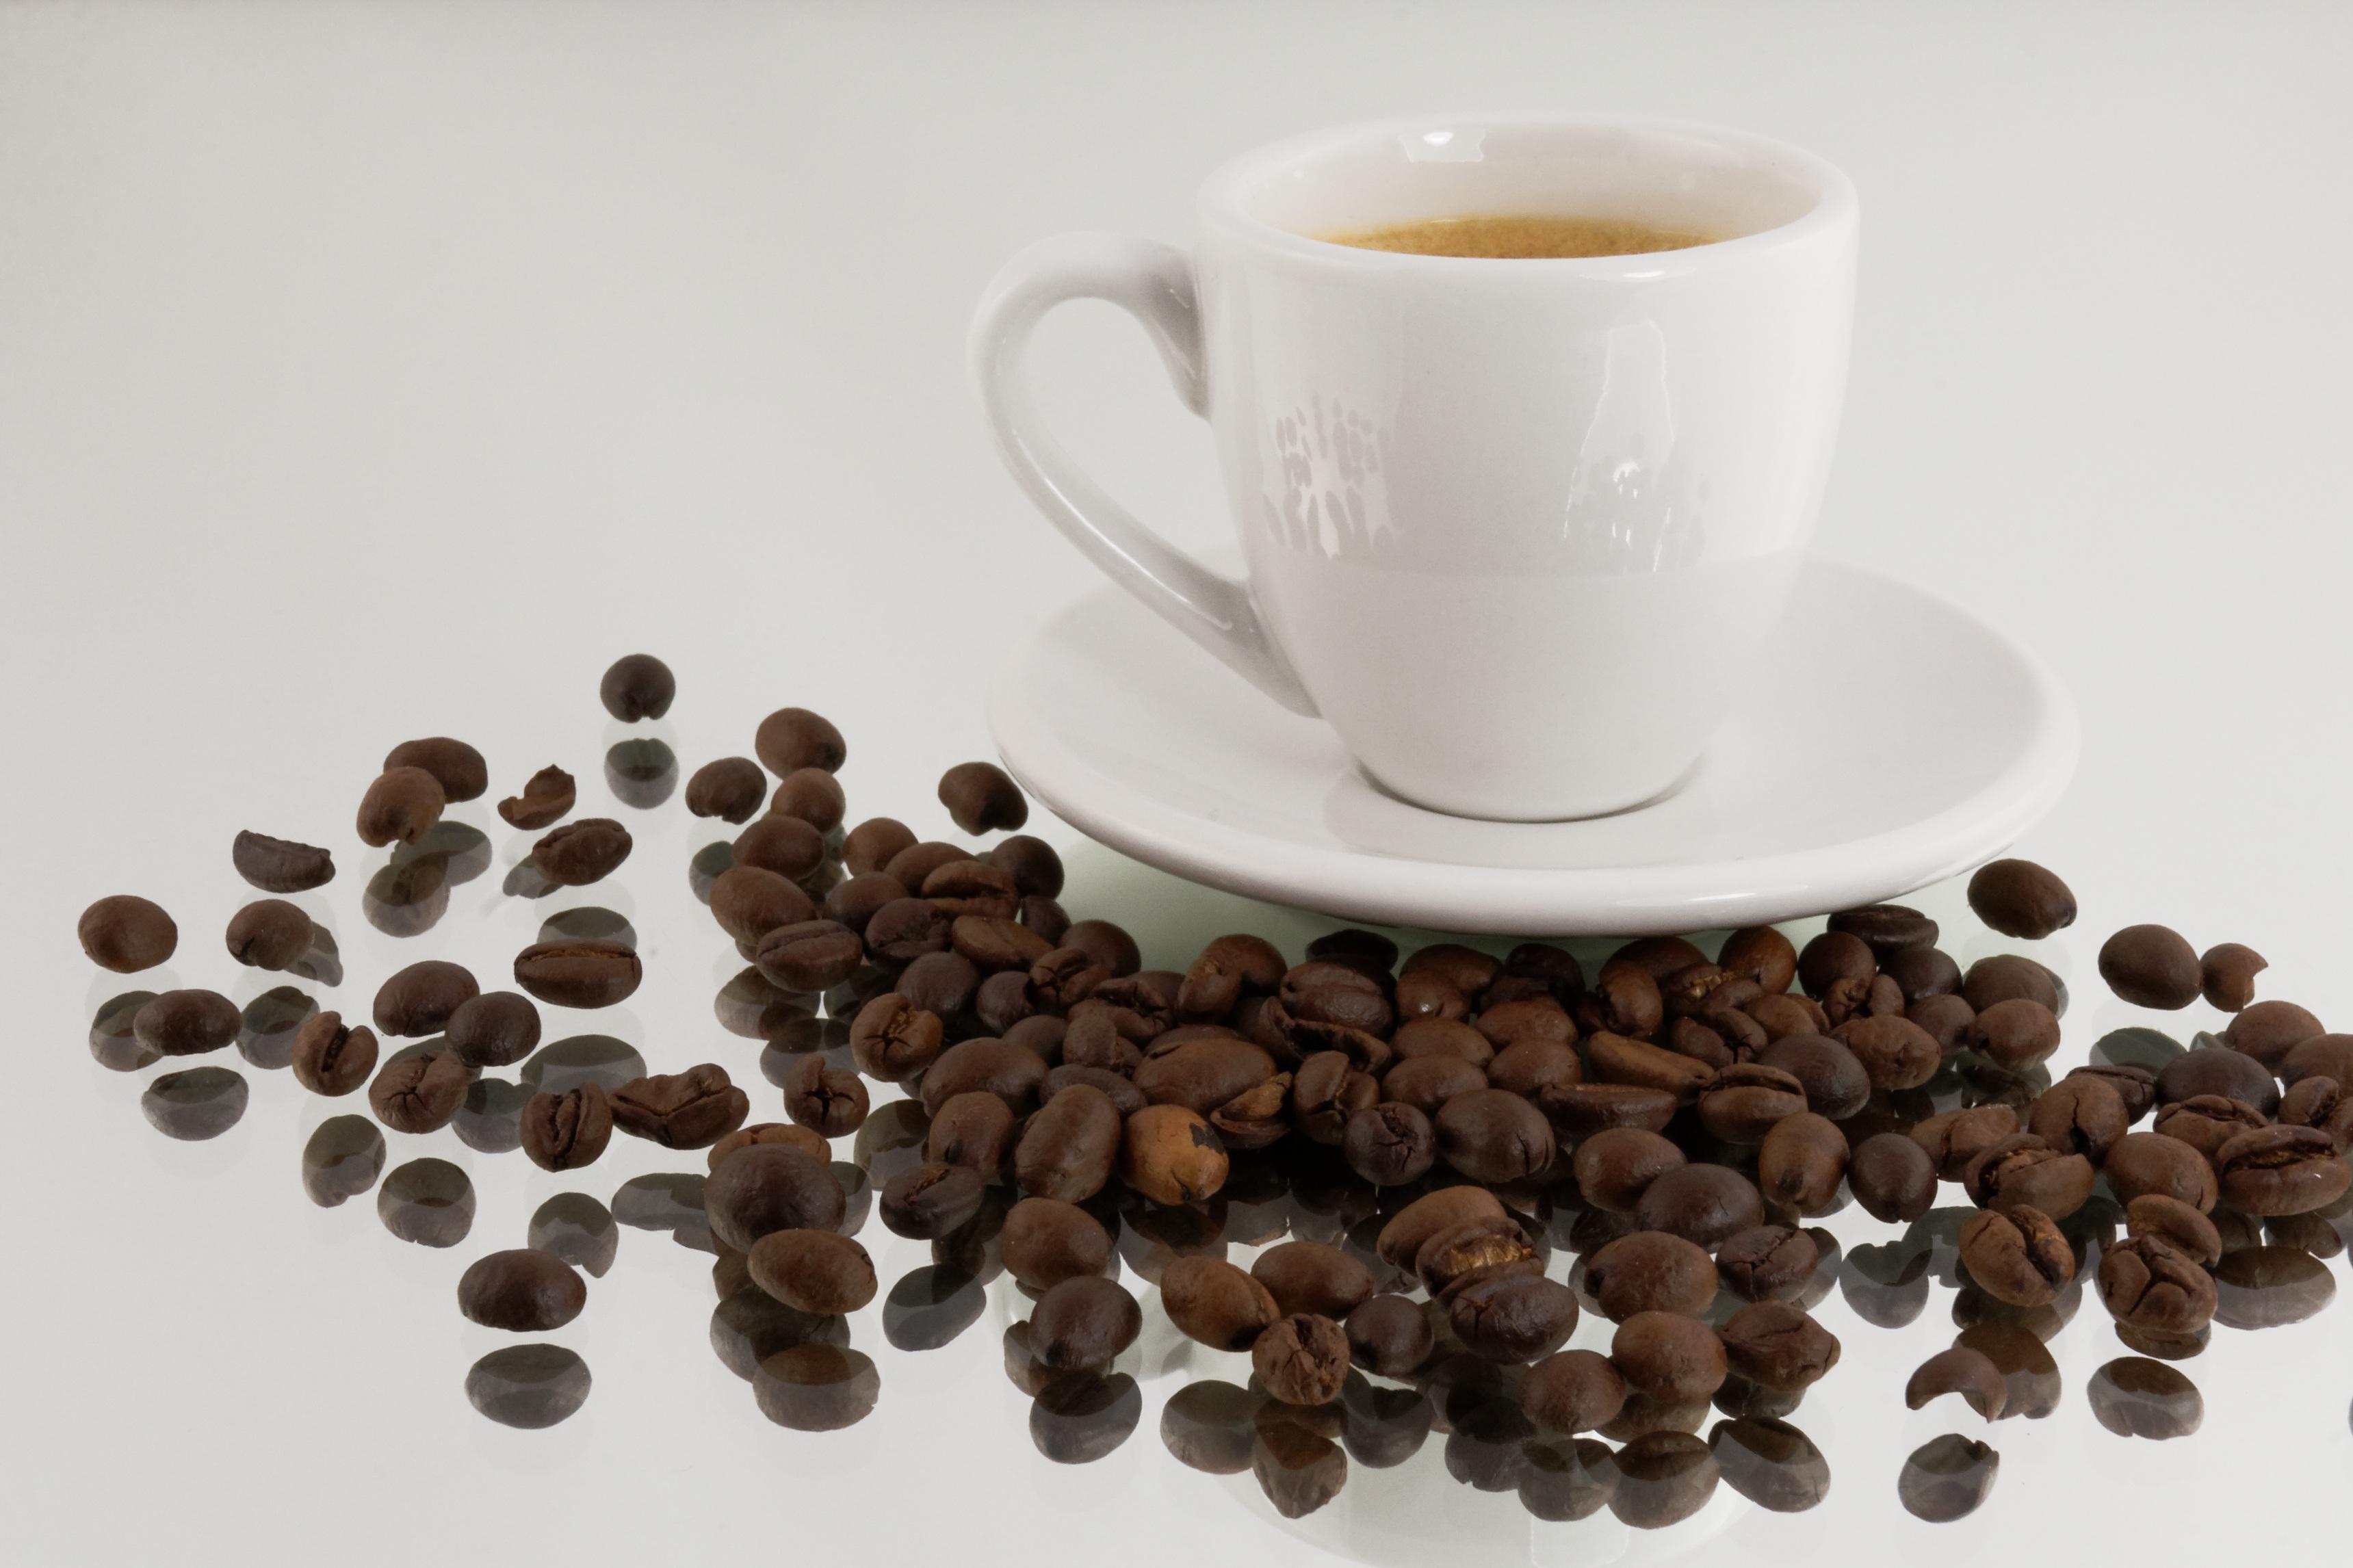 Kostenlose foto : Kaffee, Tasse, Lebensmittel, produzieren, Getränk ...